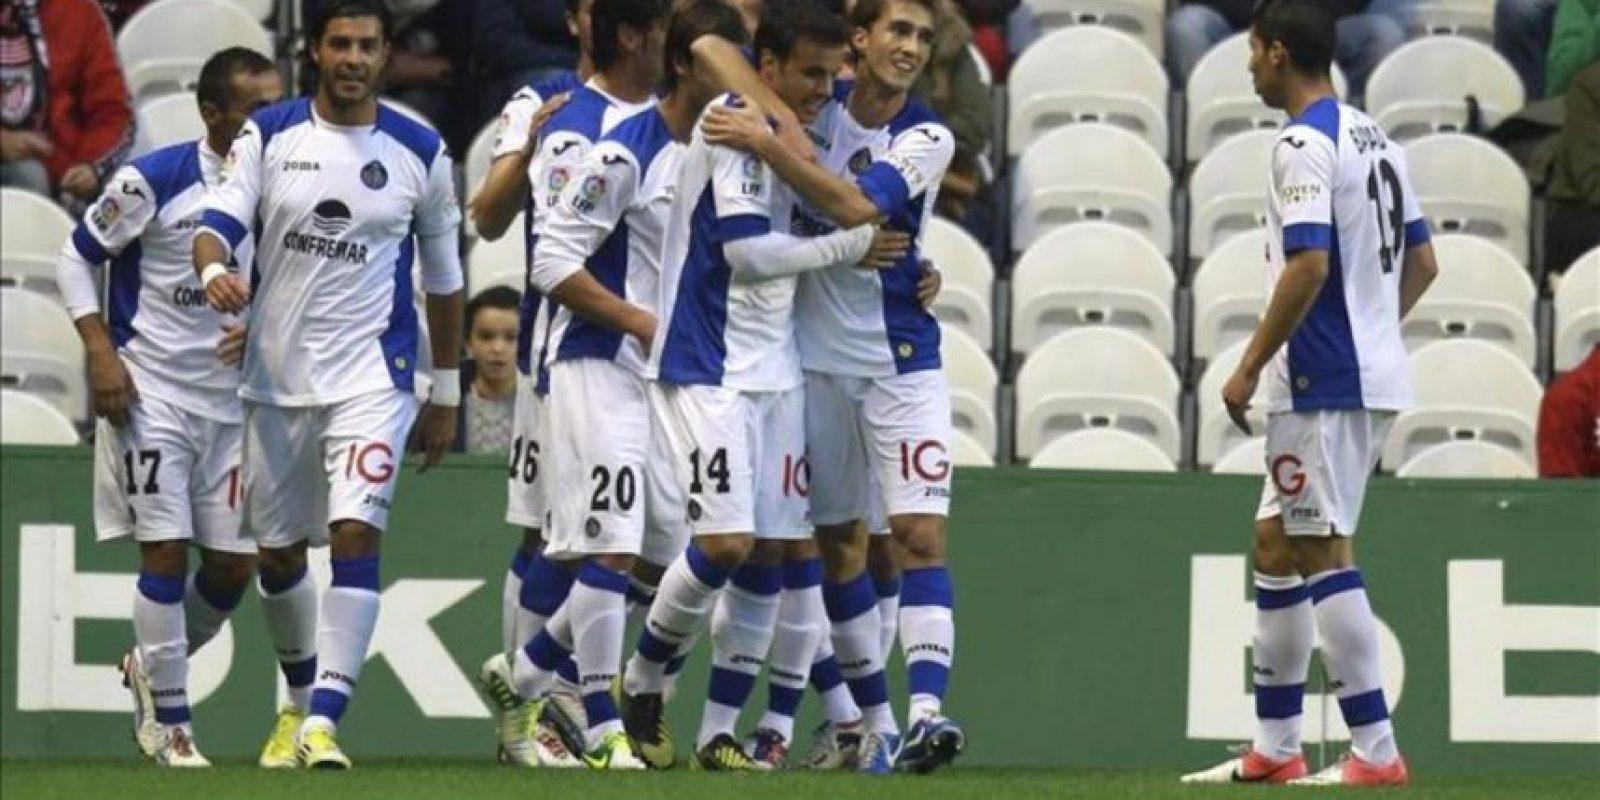 Los jugadores del Getafe celebran el primero gol del equipo marcado por el centrocampista Juan Rodríguez ante el Athletic de Bilbao durante el partido correspondiente a la novena jornada de Liga de Primera División en el estadio en San Mamés. EFE